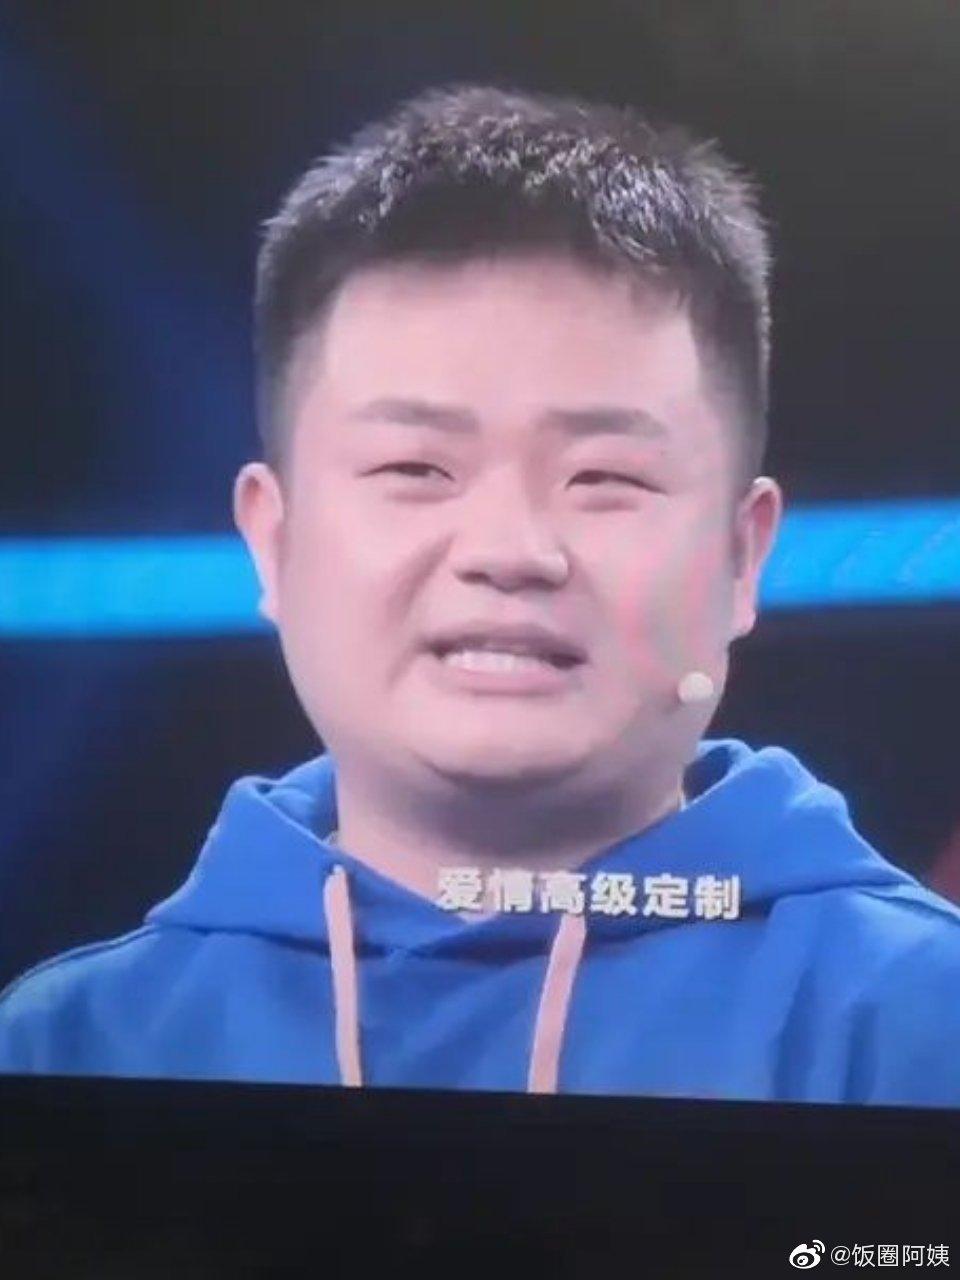 黄景瑜、迪丽热巴主演《爱情高级定制》暑假播出,恭喜